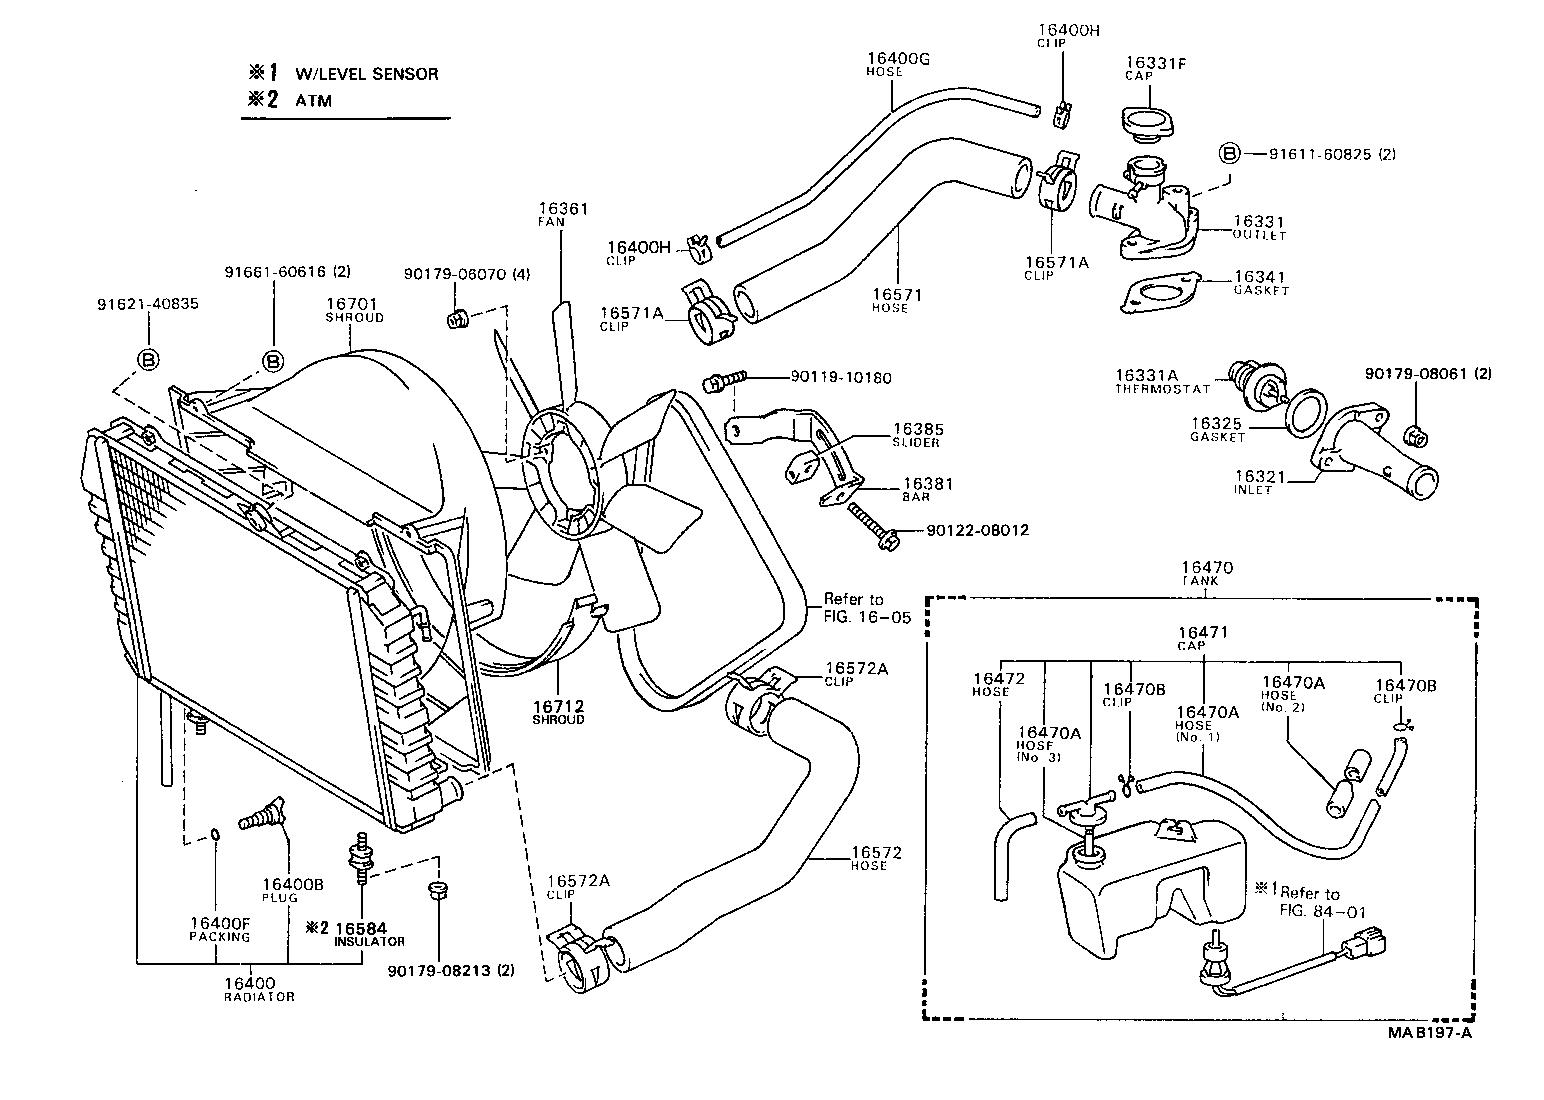 toyota model fyr21lg-mq - tool-engine-fuel